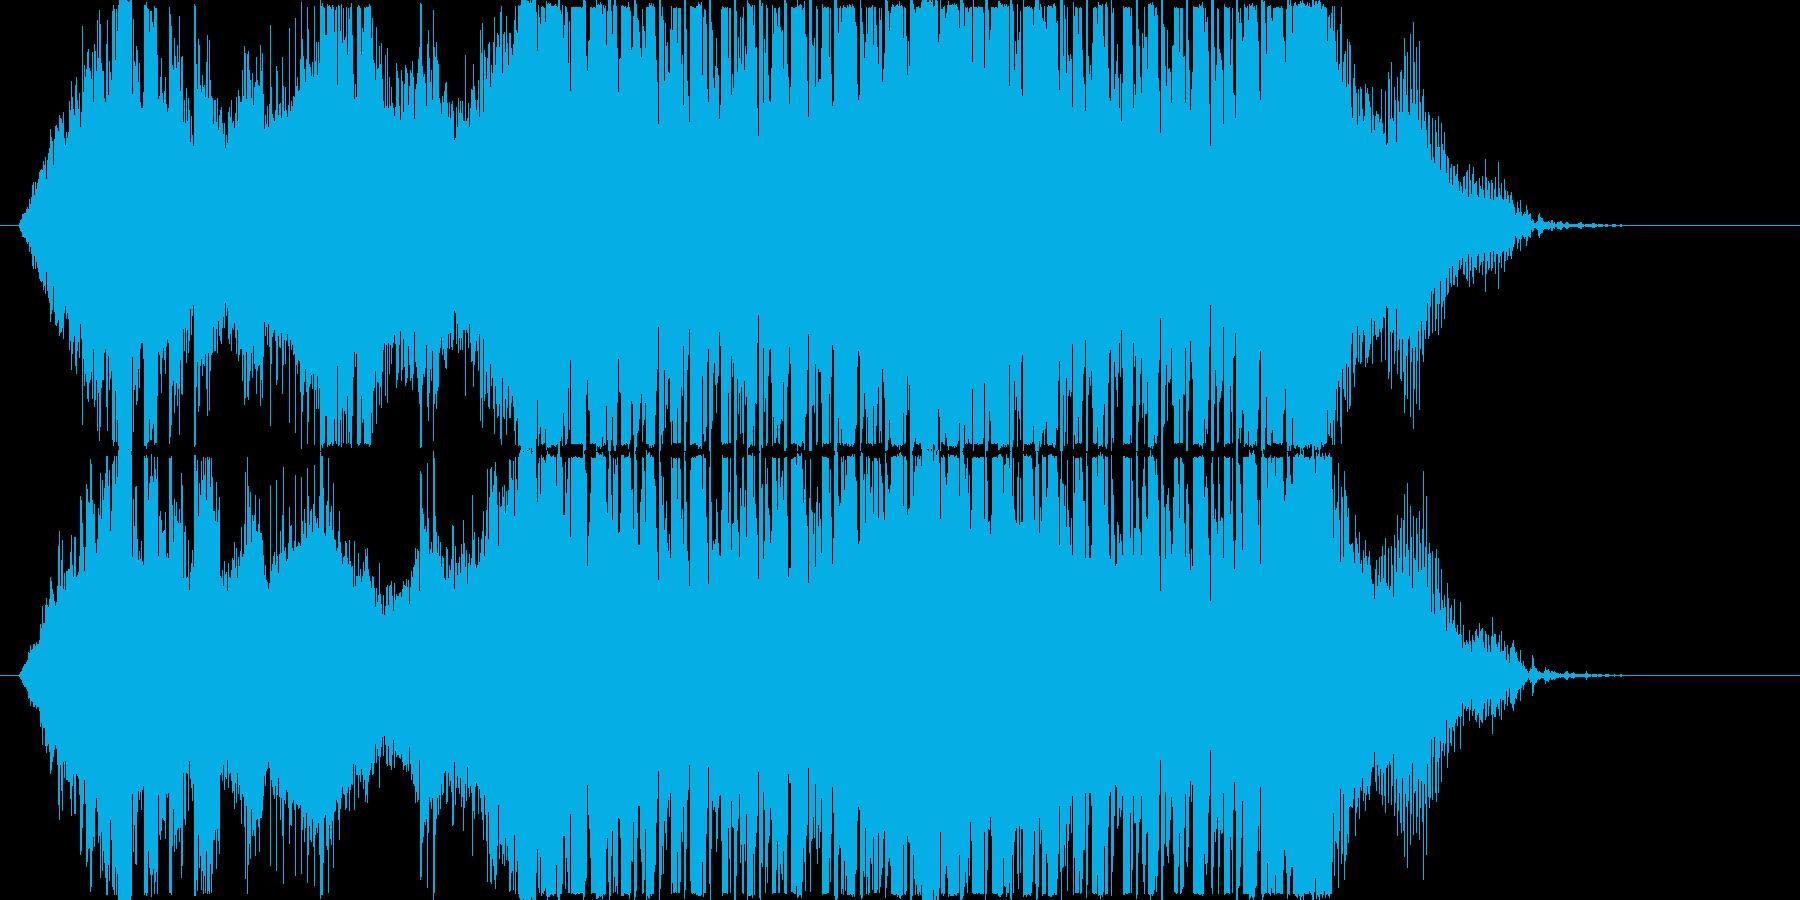 スタイリッシュでかわいいエレクトロの再生済みの波形